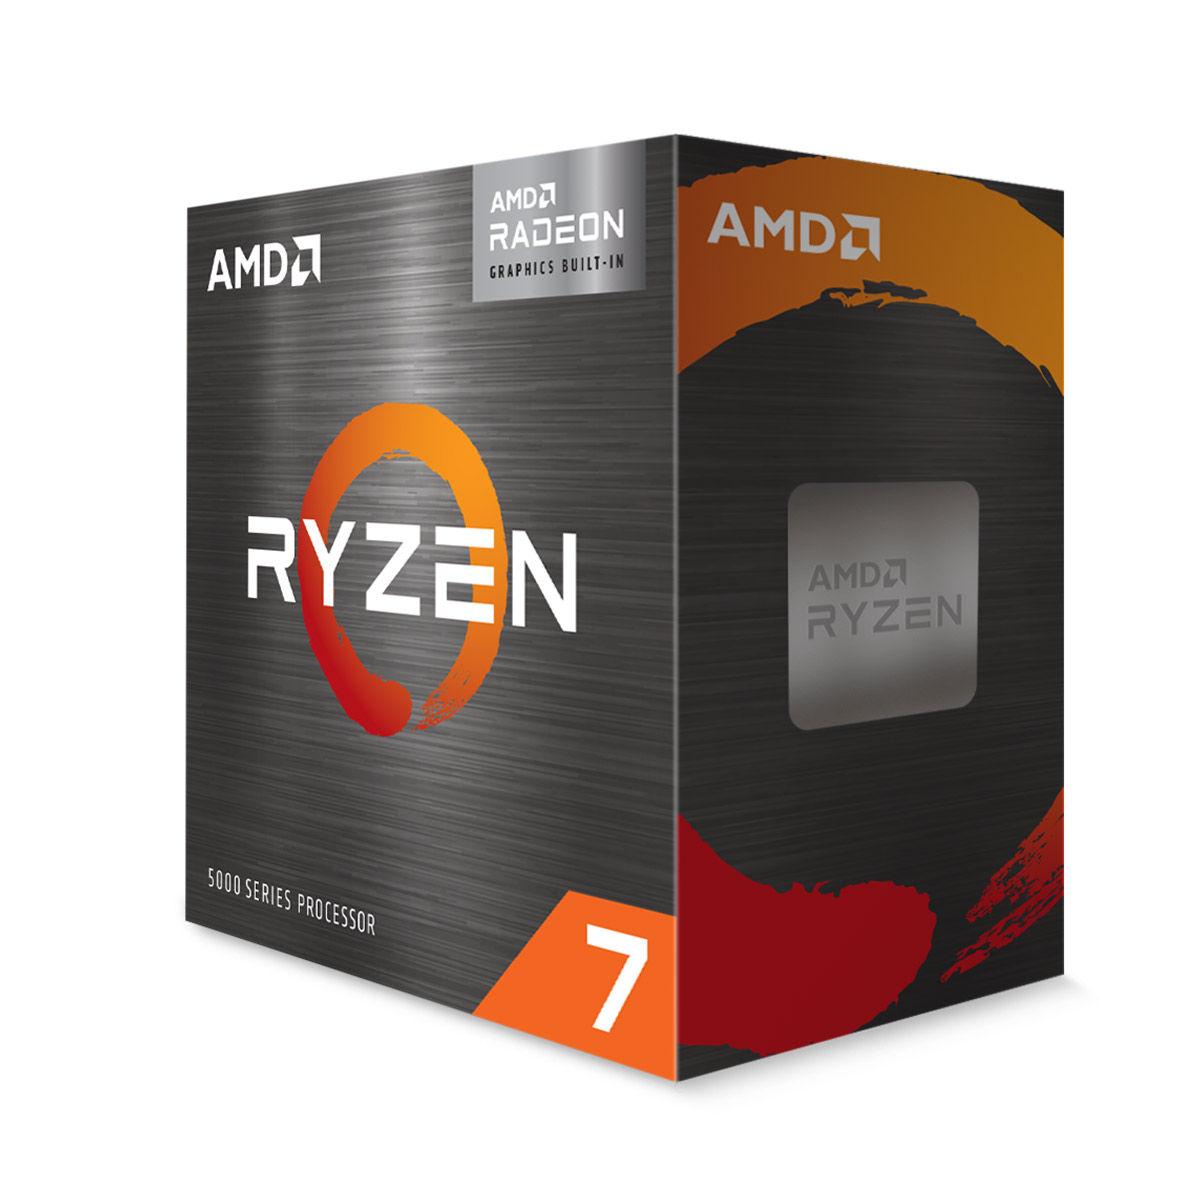 एम्ड Ryzen 7 5700G Desktop प्रोसेसर with integrated Radeon Graphics